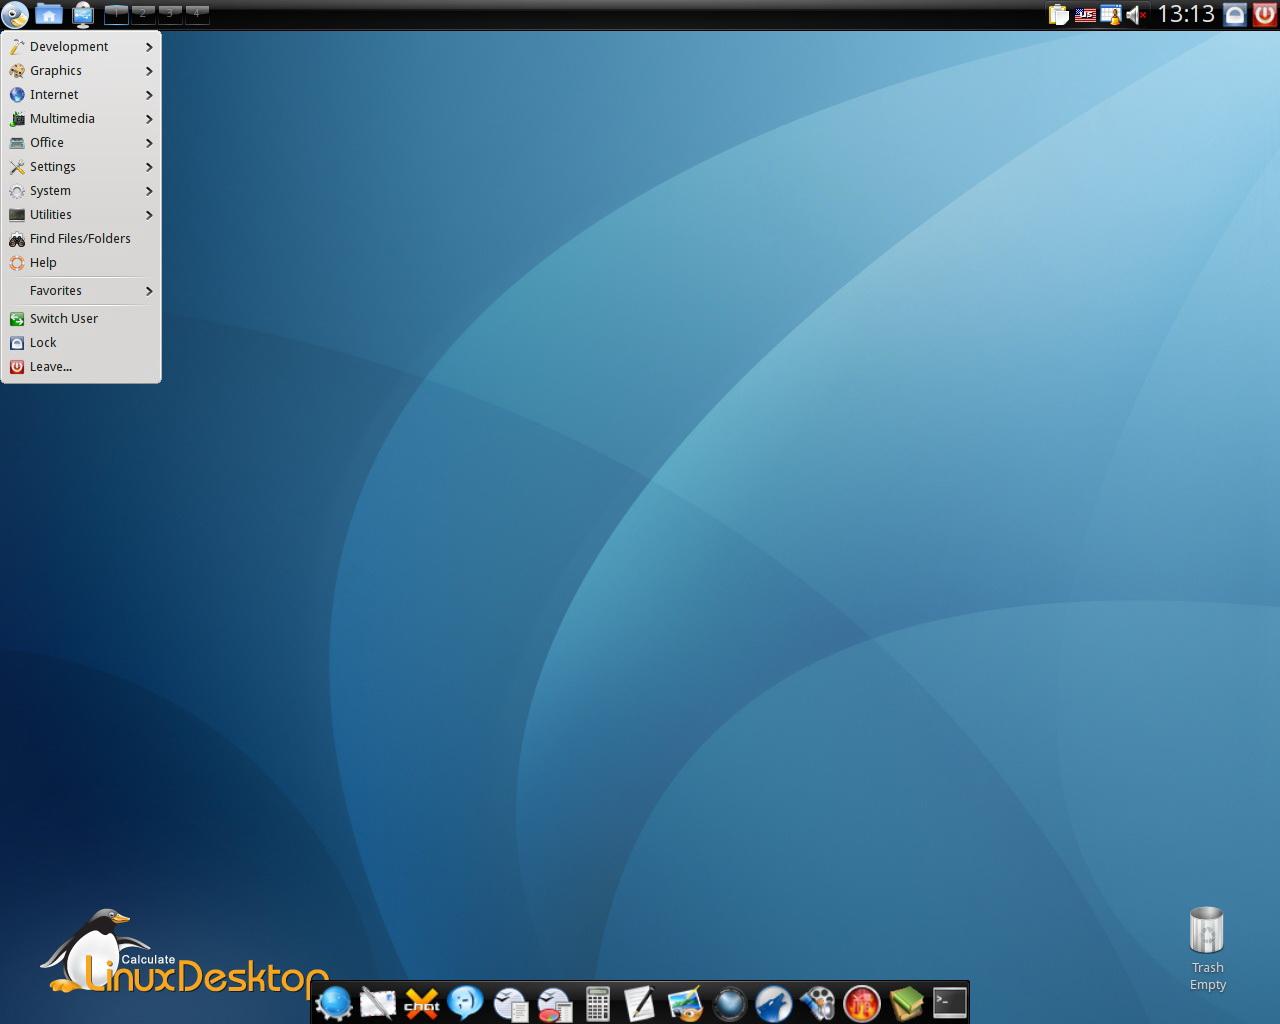 Calculate Linux Desktop截图1